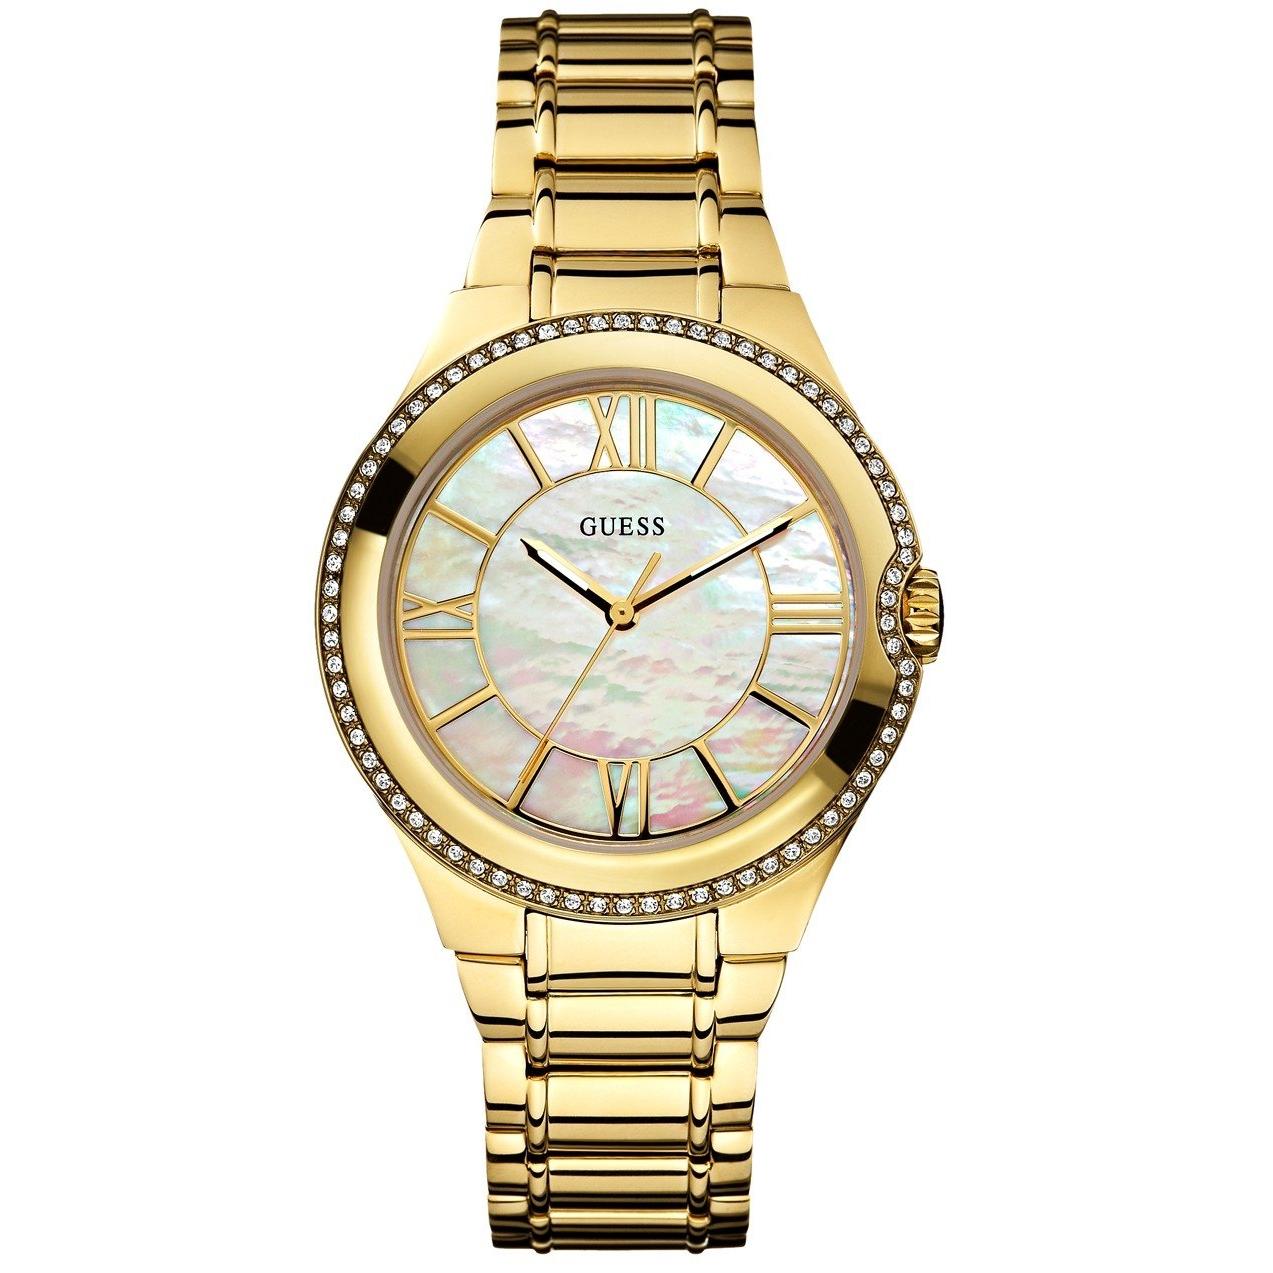 ساعت مچی عقربه ای زنانه گس مدل W0112L1